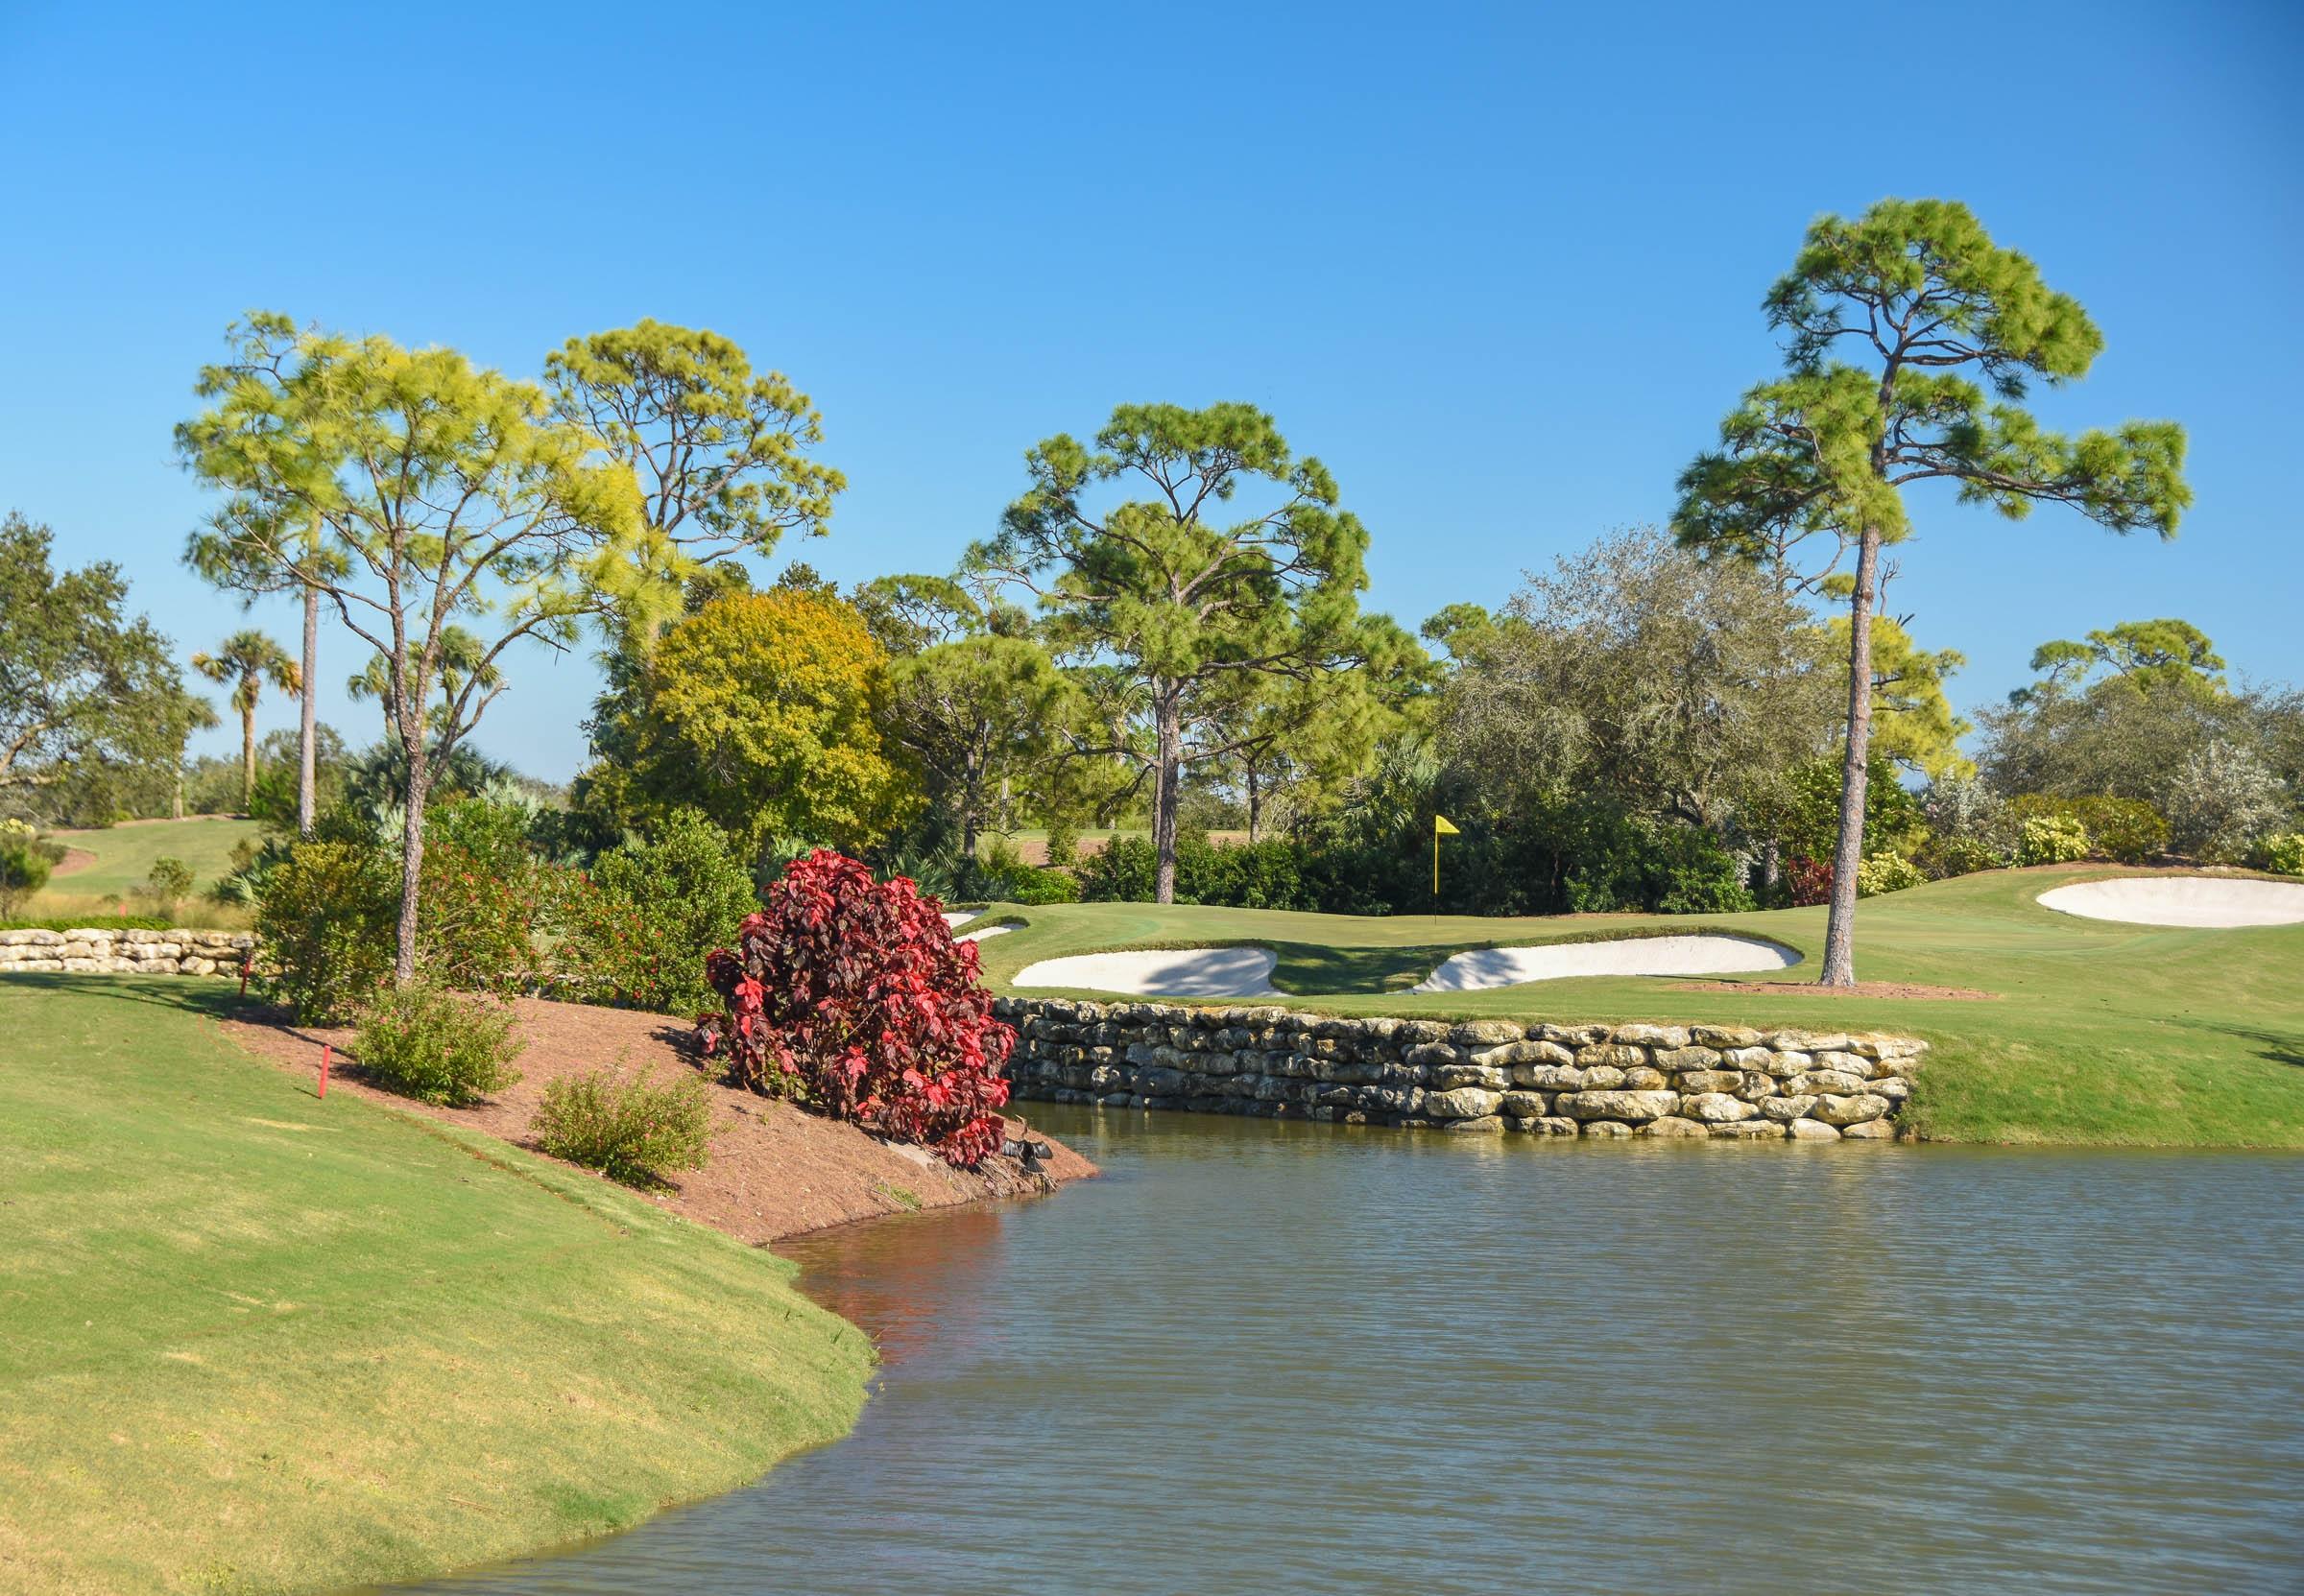 Adios Golf Club in Pompano Beach